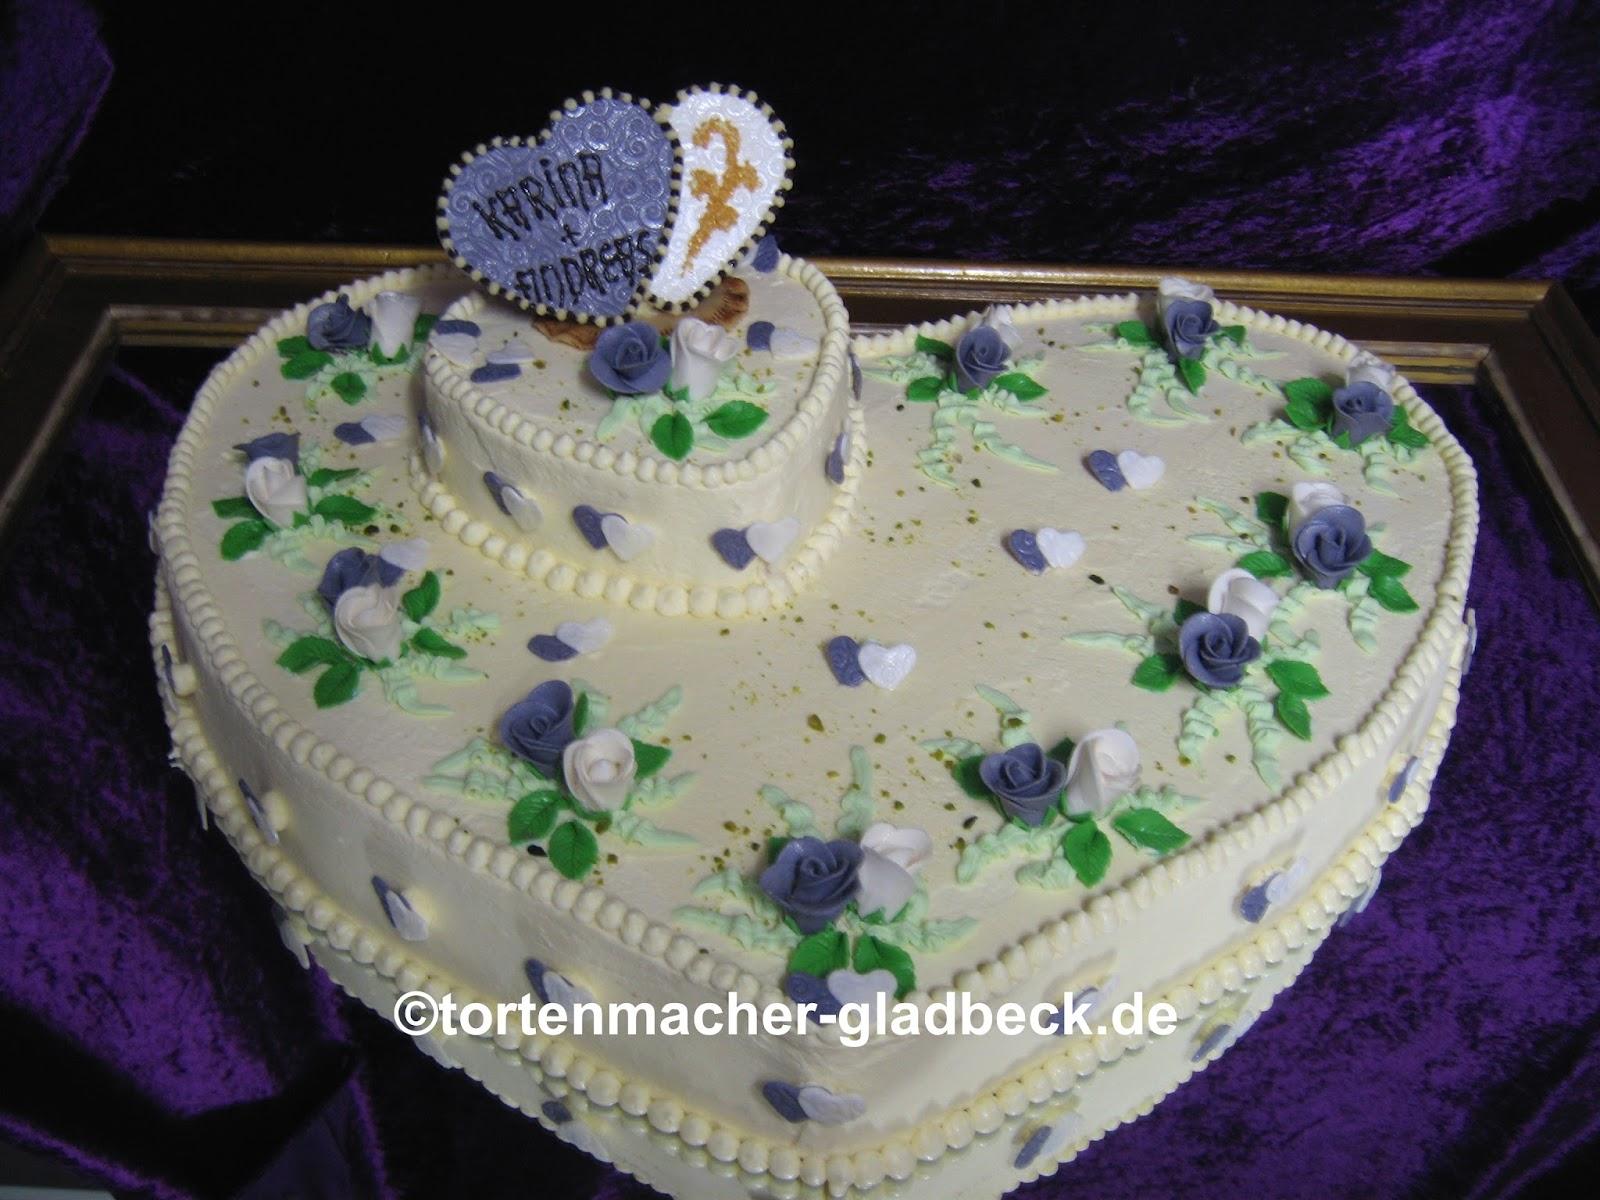 Torte Zur Goldenen Hochzeit Rezept Fondant Torten Fondant Torten